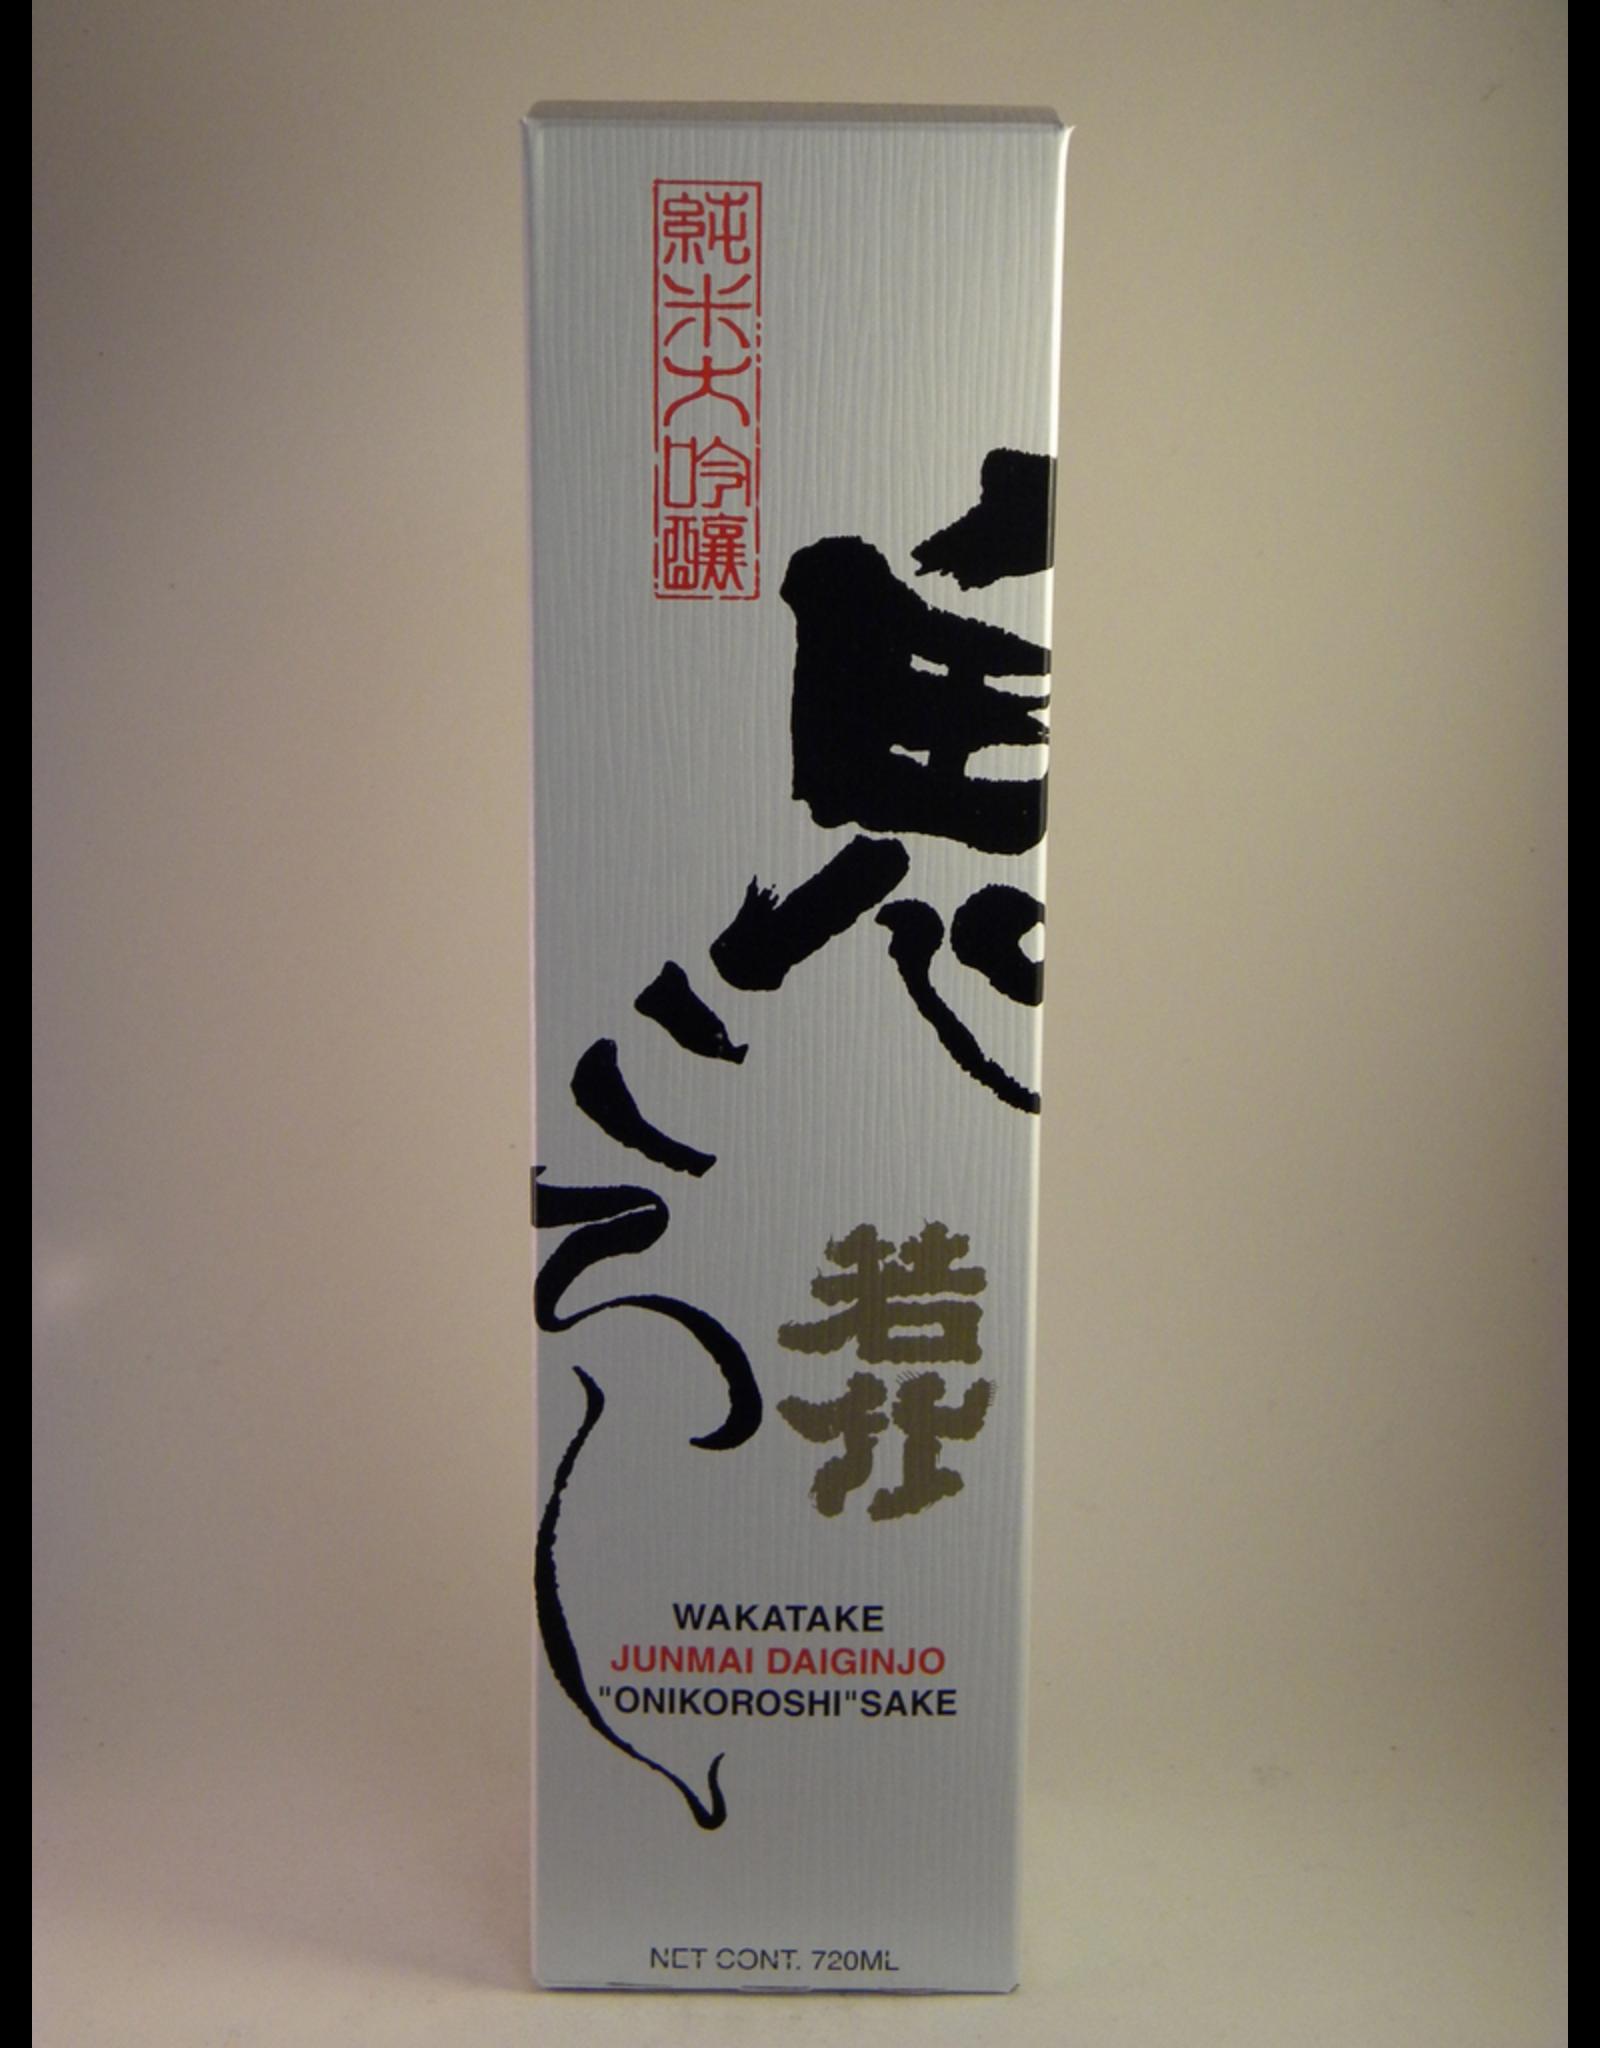 Wakatake Onikoroshi Daiginjo Sake 720ml